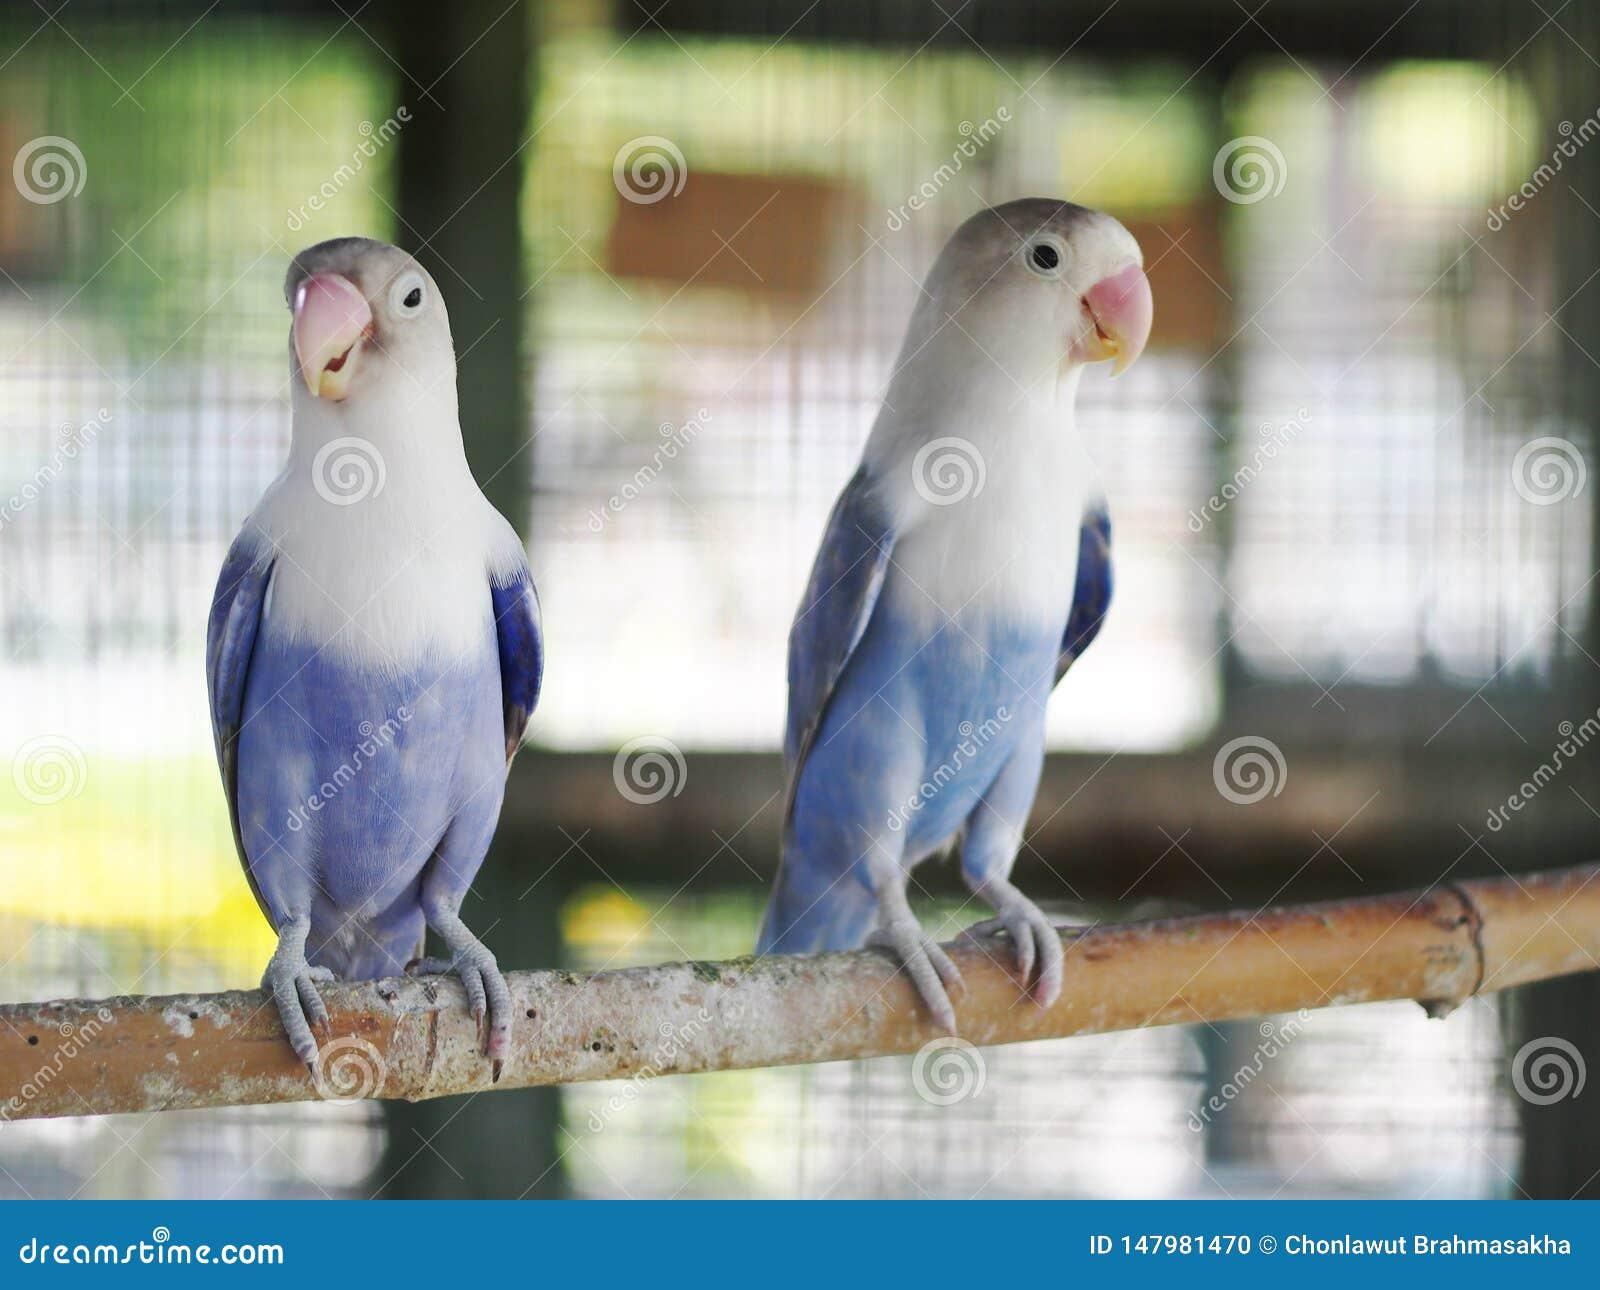 Colourful pastel tone color lovebirds little cute young parrots